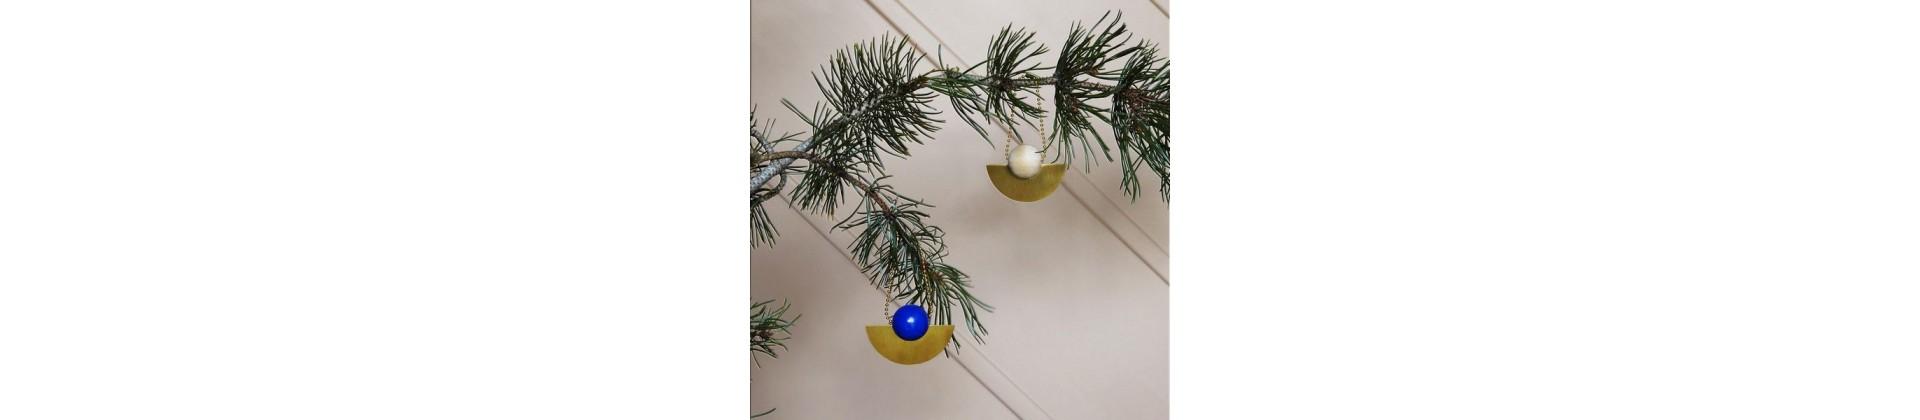 Profitez des soldes de décoration de Noël en vente sur la boutique en ligne Pop-line. Articles en soldes et expédiés sous 24h